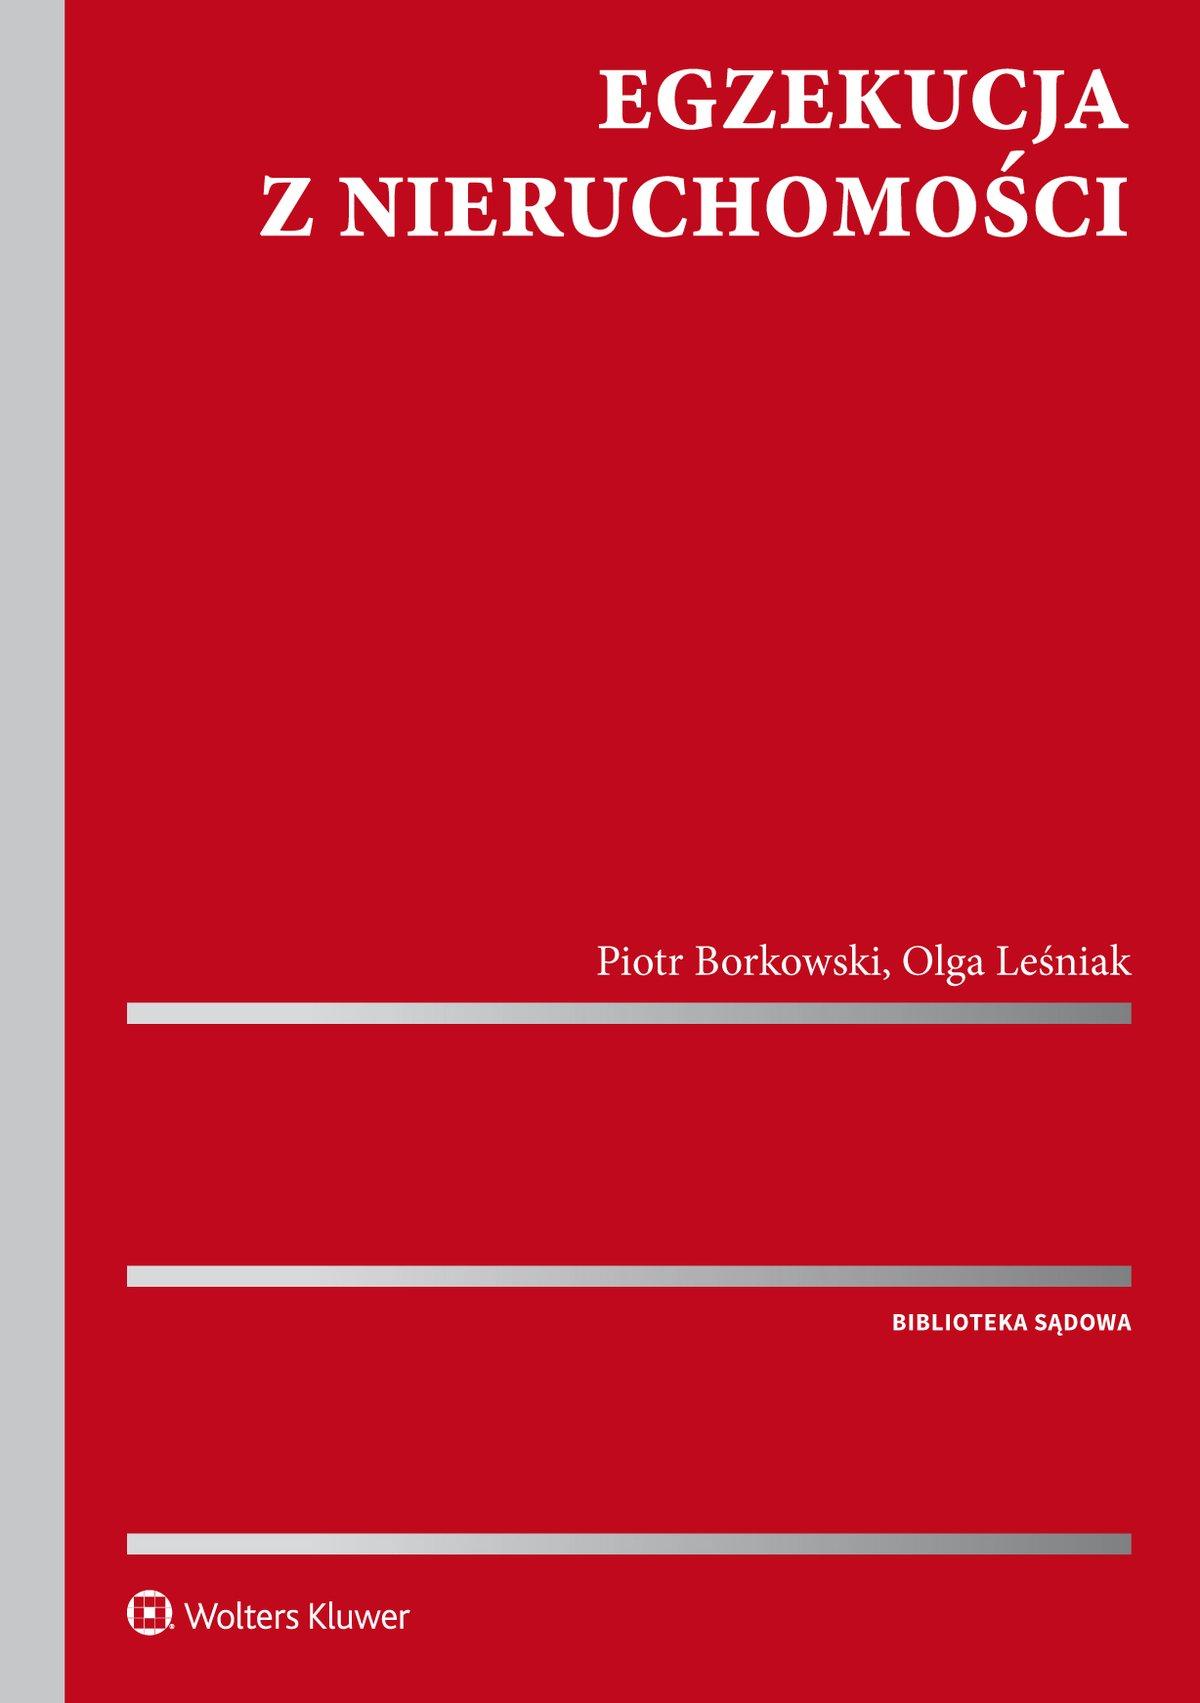 Egzekucja z nieruchomości - Ebook (Książka EPUB) do pobrania w formacie EPUB